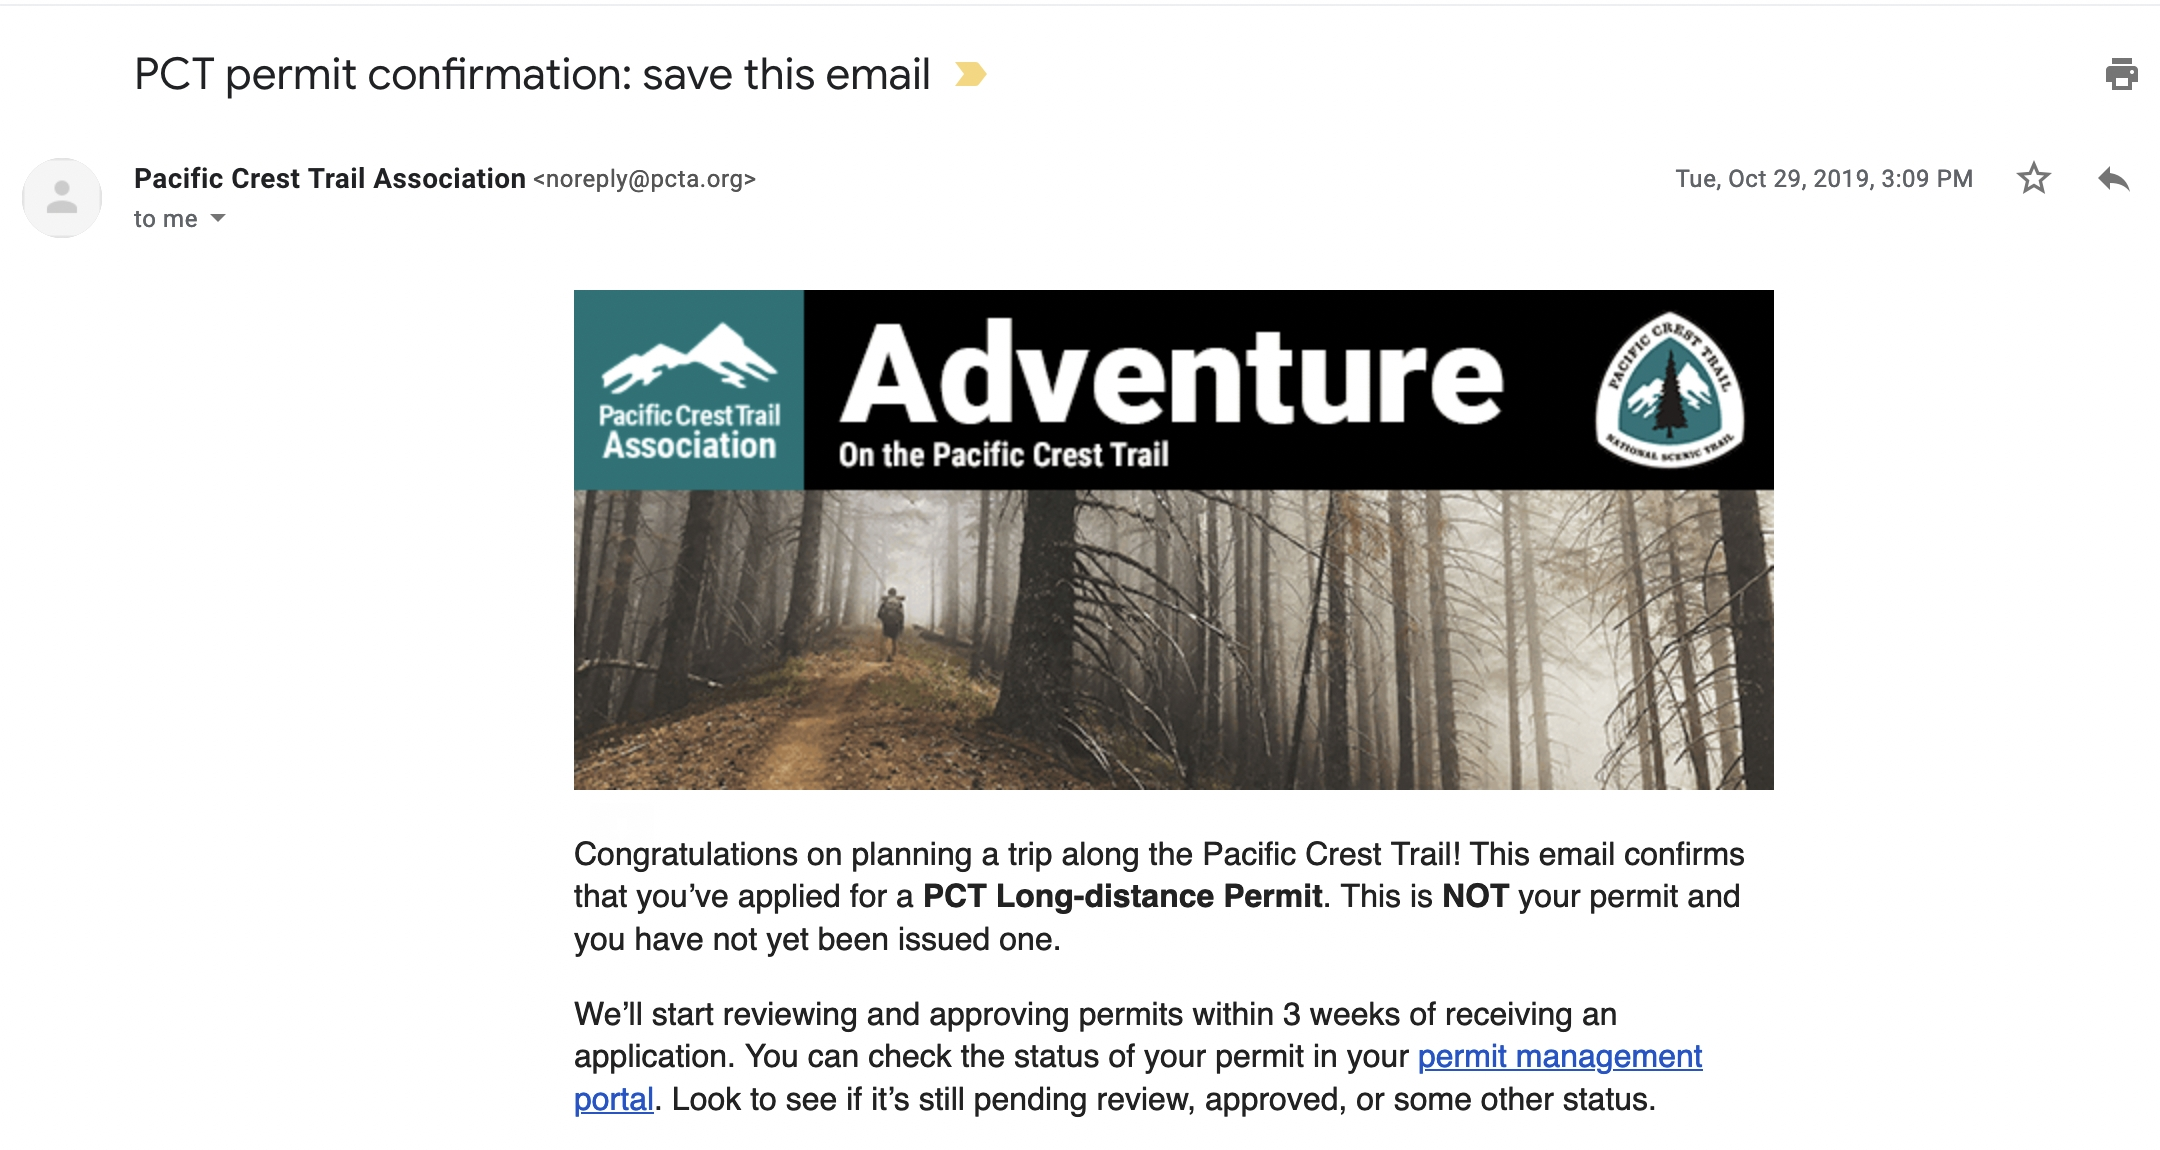 pct long-distance permit